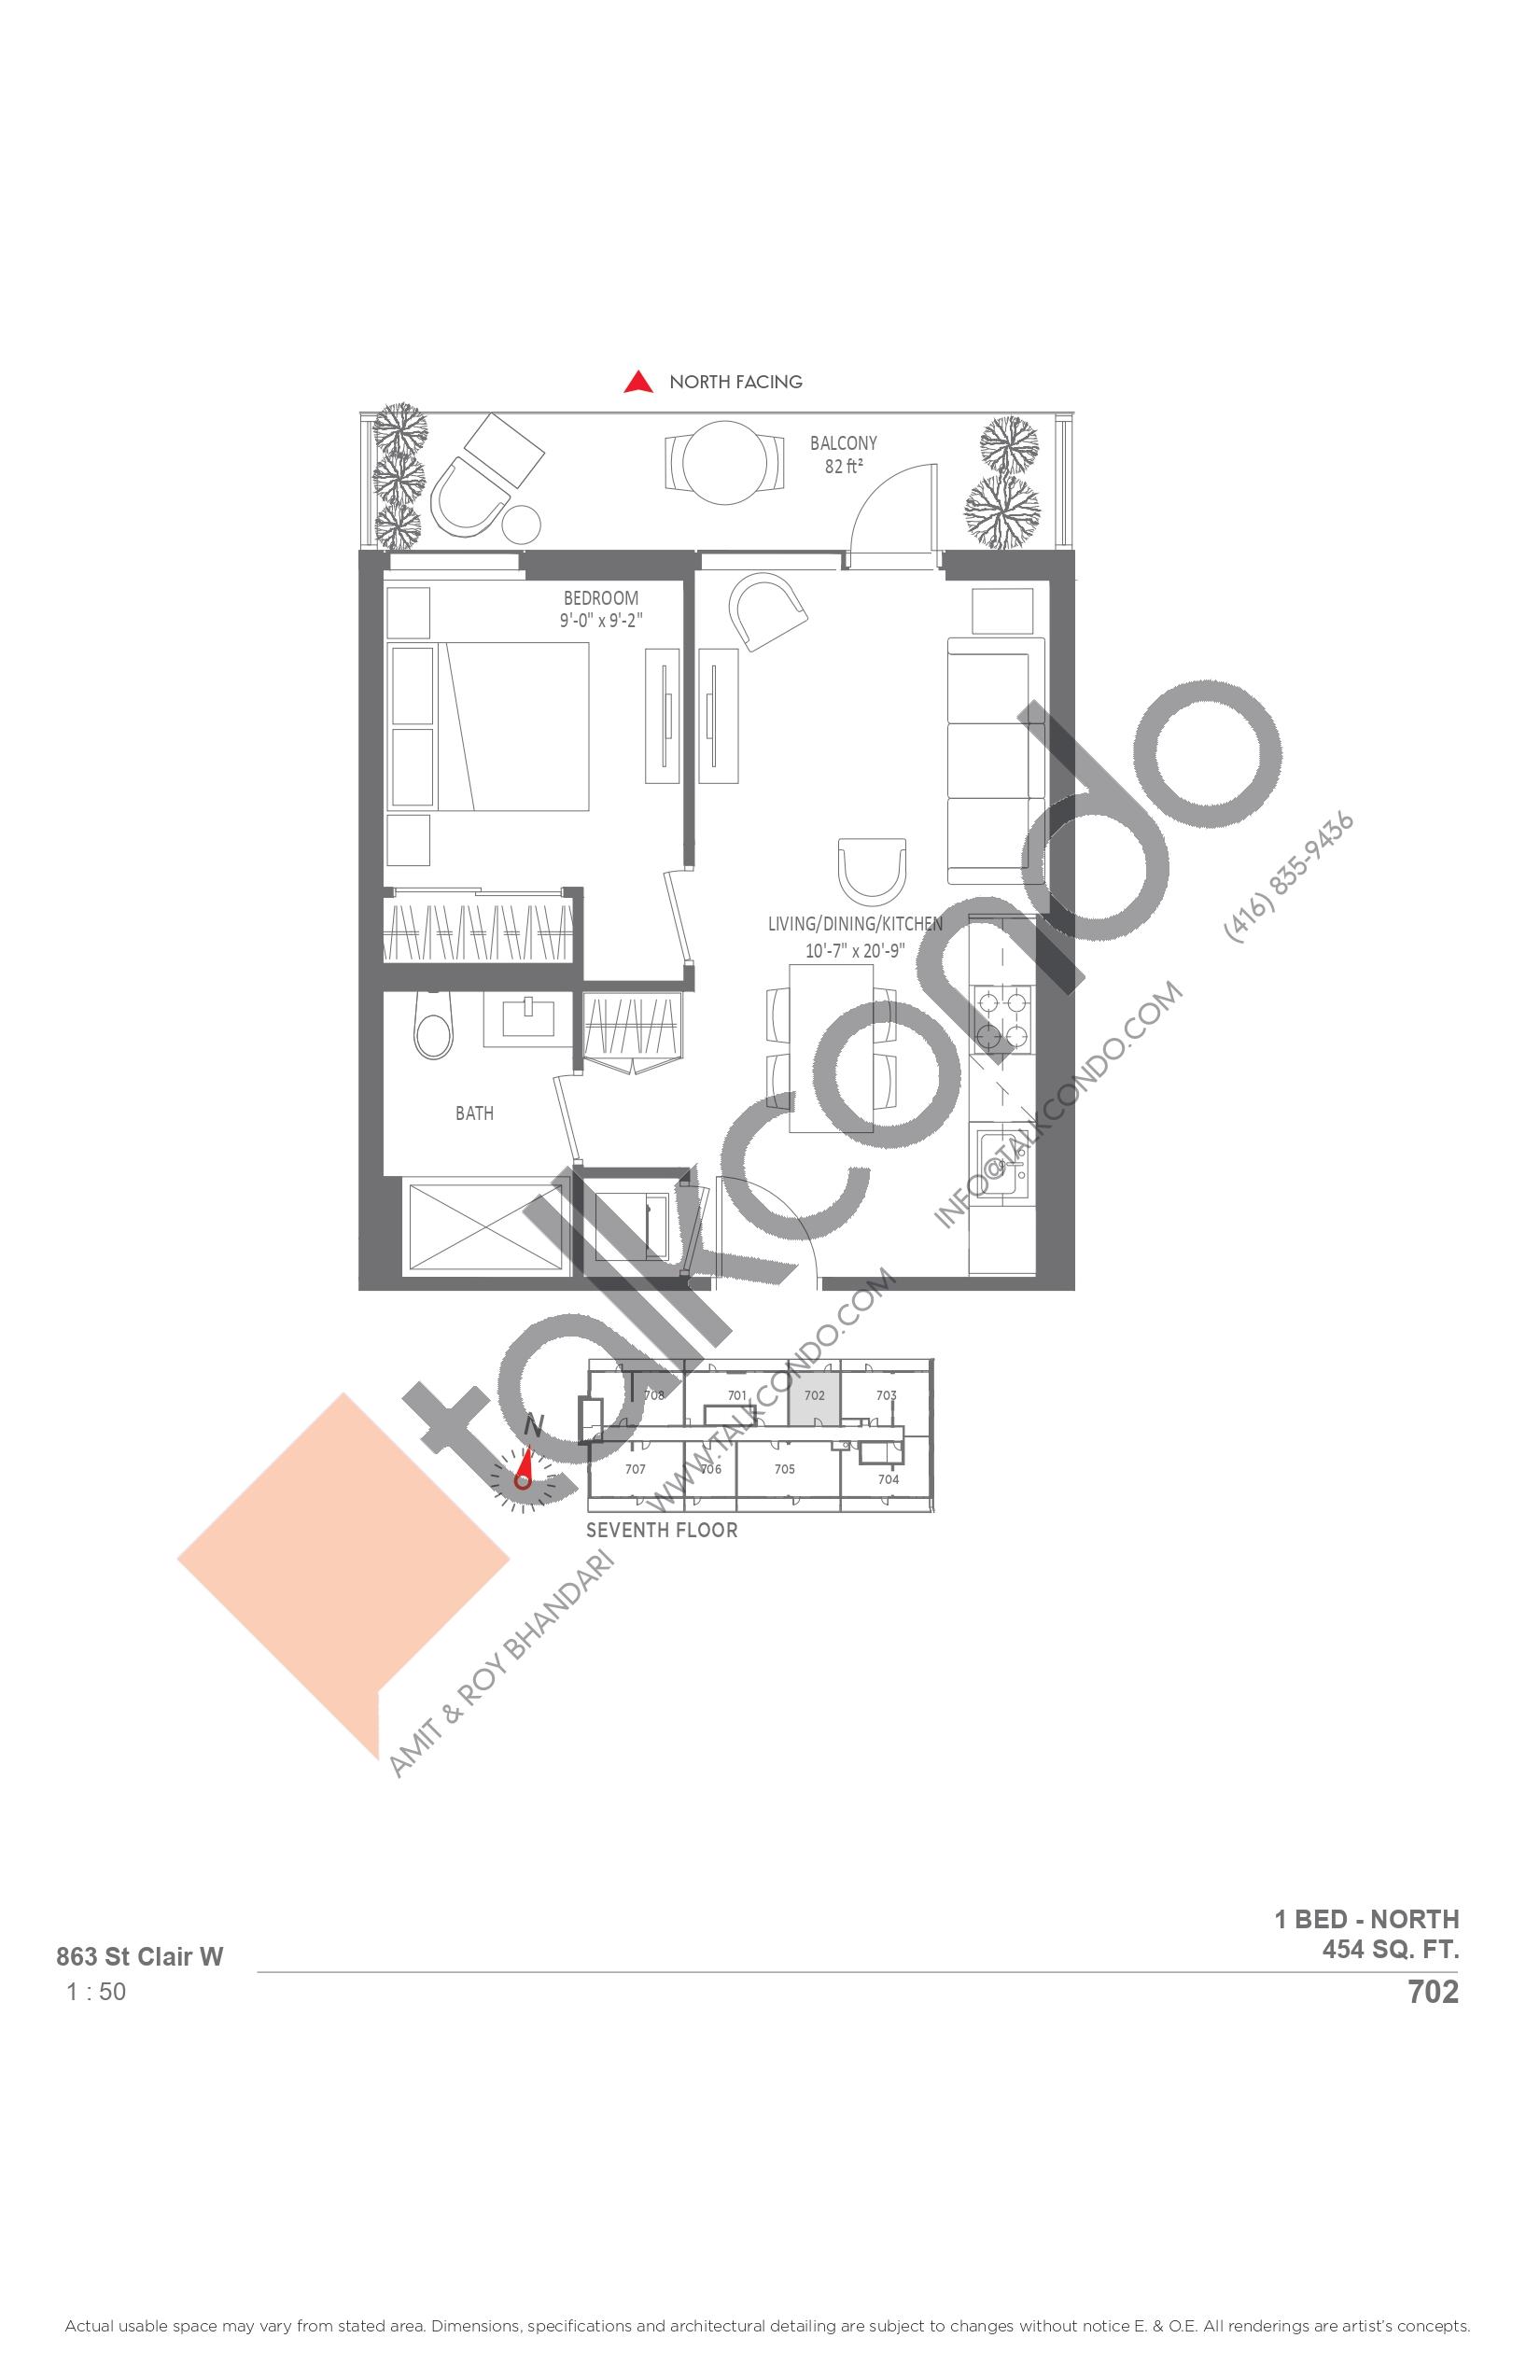 702 Floor Plan at Monza Condos - 454 sq.ft